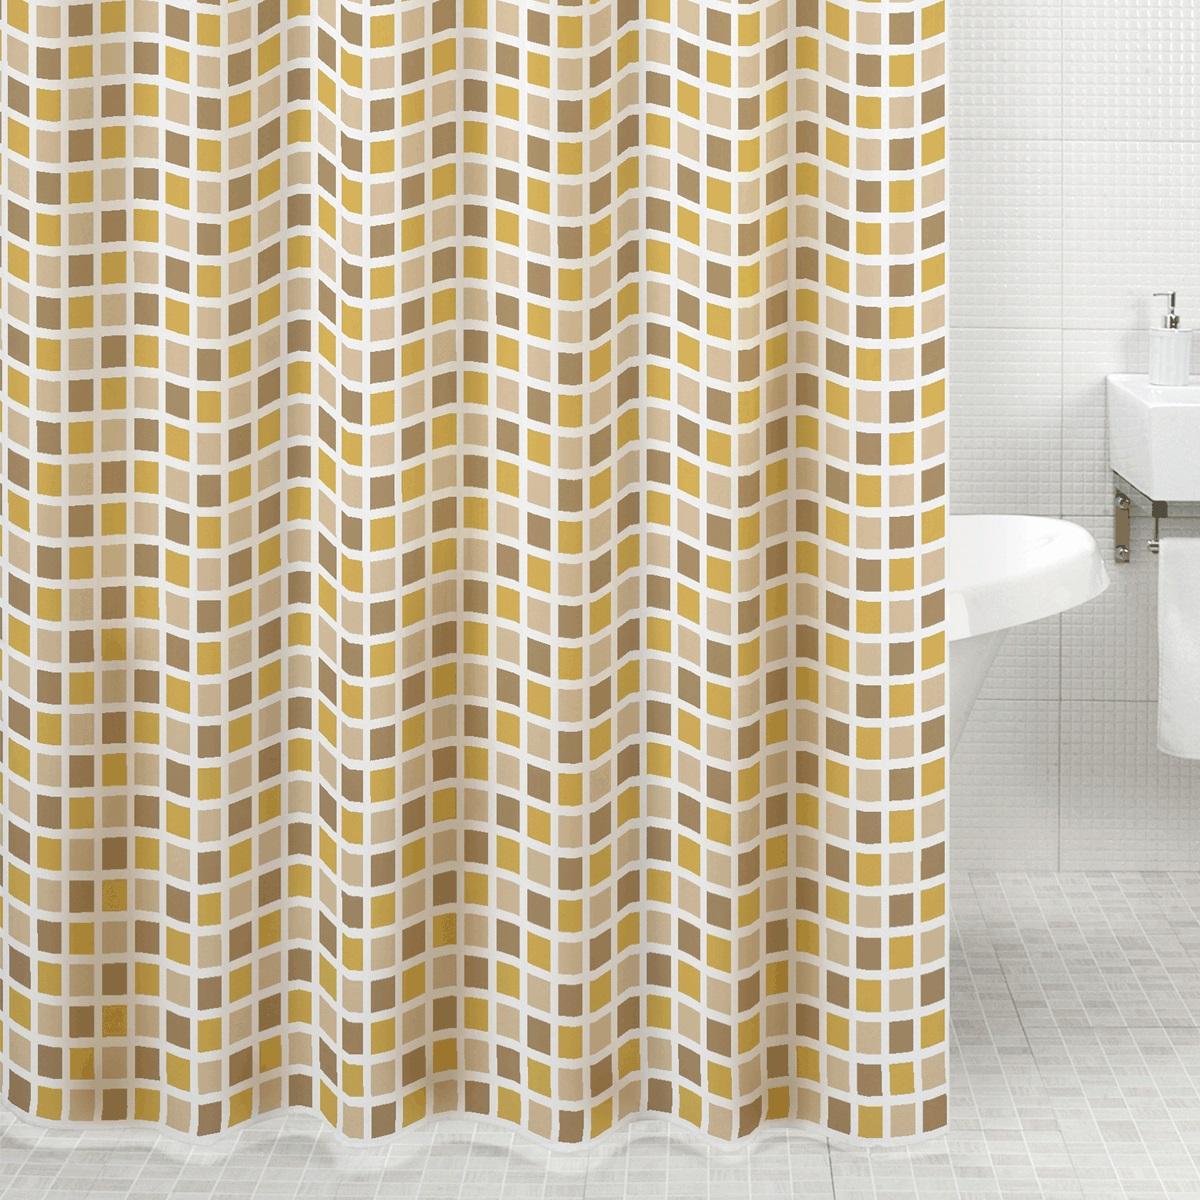 """Штора для ванной Milardo """"Classic Tiles"""", изготовленная из полиэстера - водонепроницаемого, мягкого на ощупь и прочного материала, идеально защищает ванную комнату от брызг. В верхней кромке шторы предусмотрены металлические отверстия для колец, которые входят в комплект.Штора Milardo """"Classic Tiles"""" порадует вас своим ярким дизайном и добавит уюта в ванную комнату. Плотность: 90 г/м.Количество колец: 12 шт."""